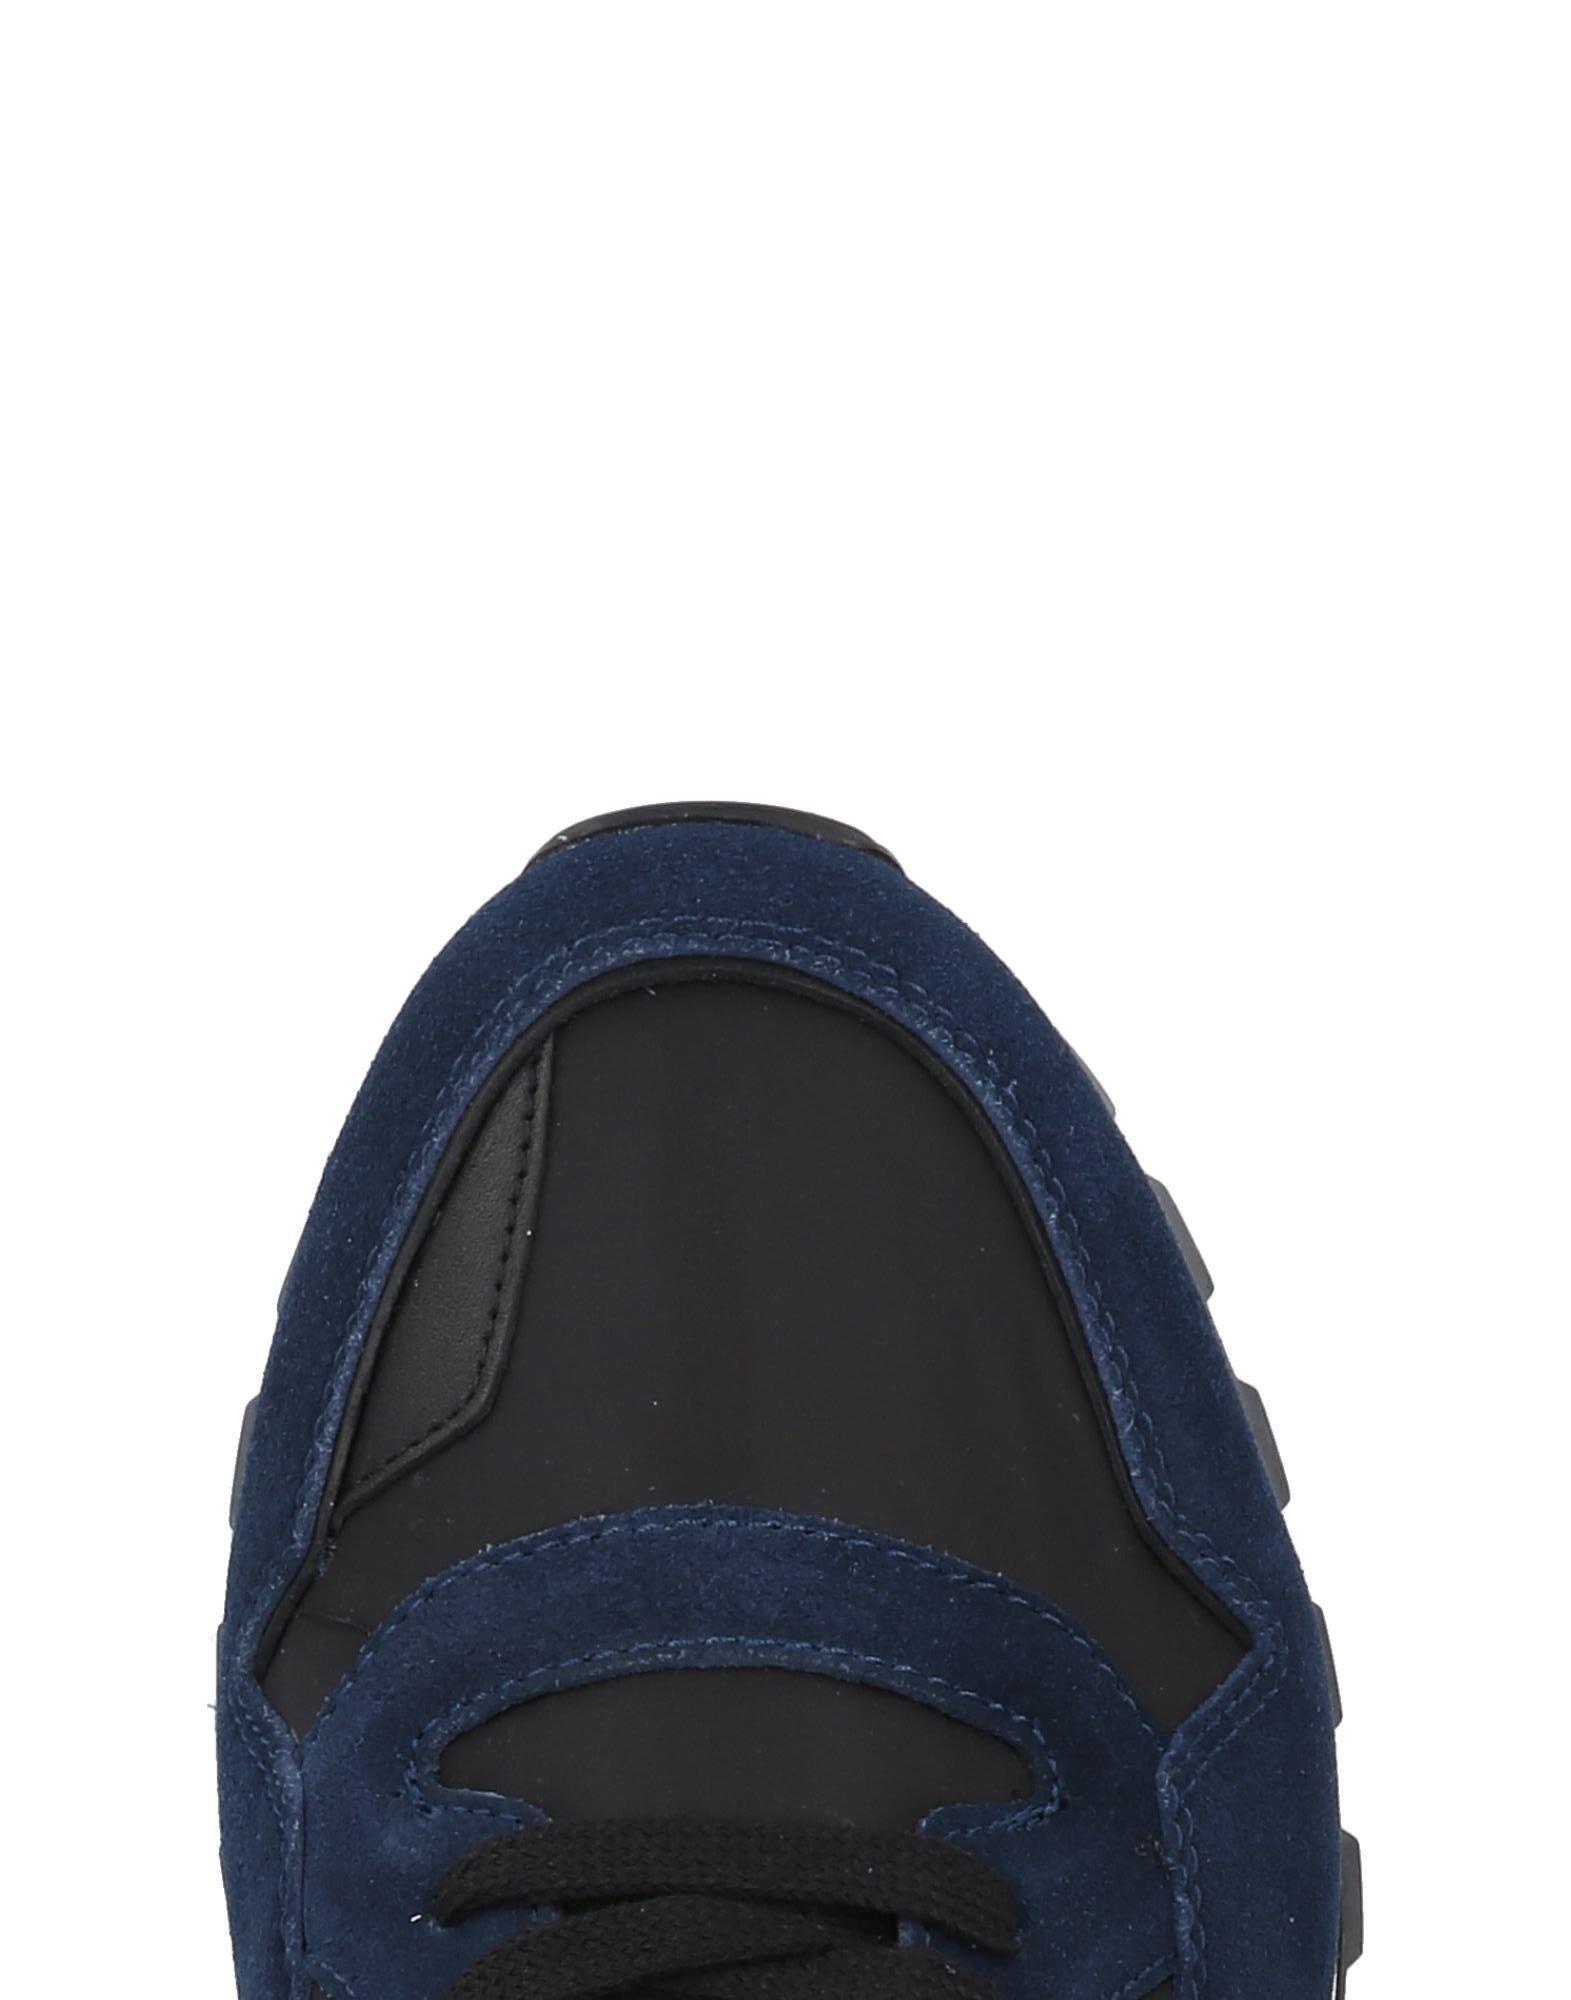 Bikkembergs Sneakers Herren  11449921LC Gute Qualität beliebte Schuhe